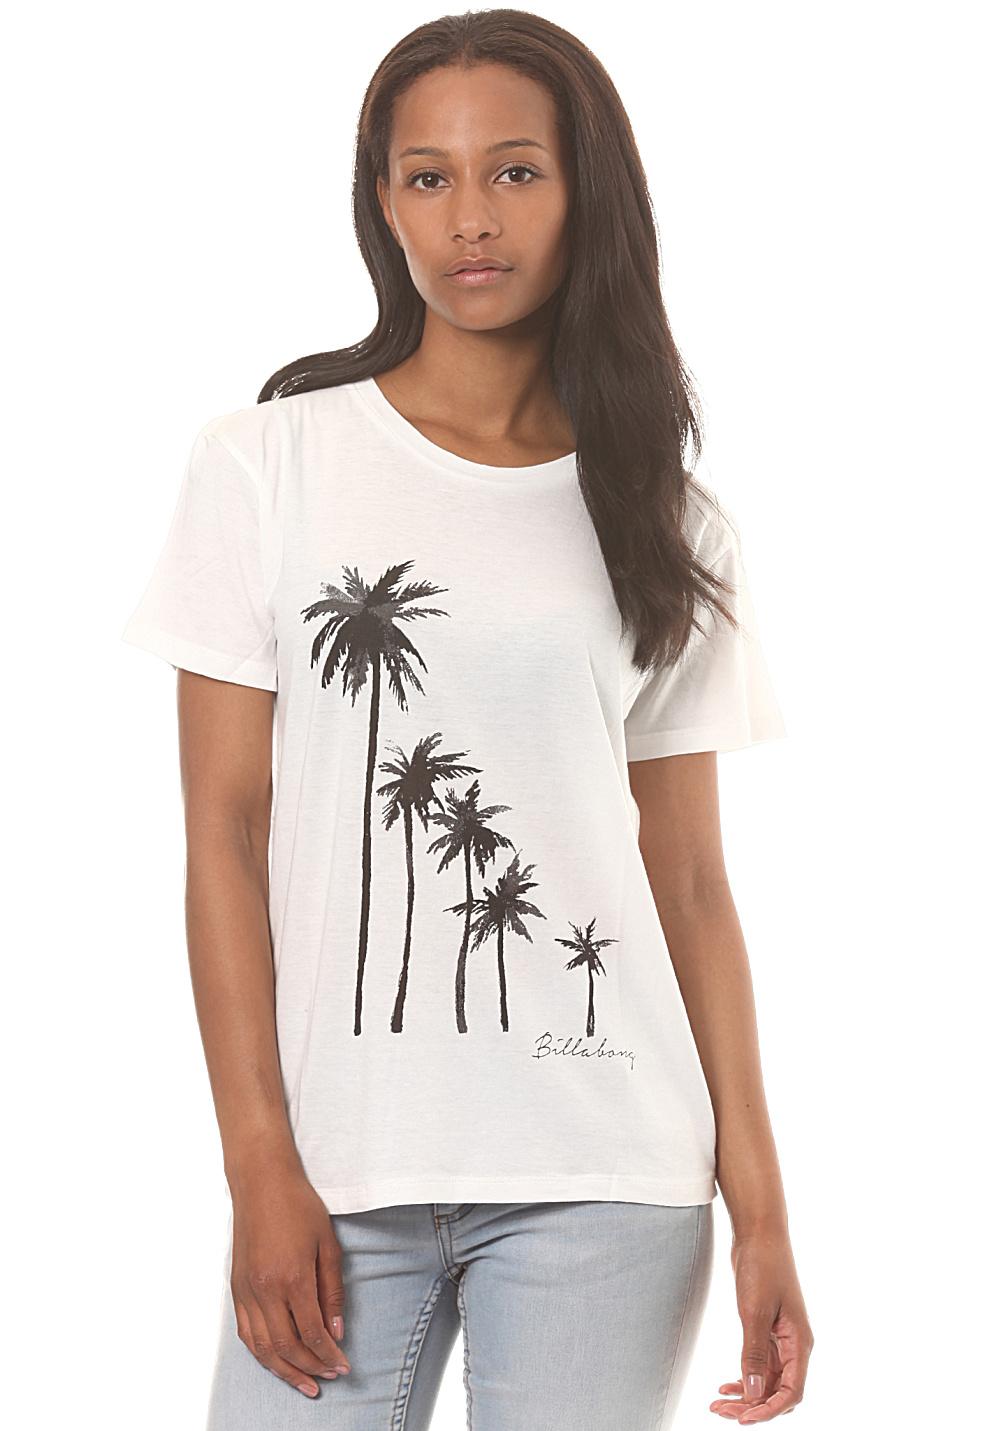 billabong-bad-water-t-shirt-femmes-blancs